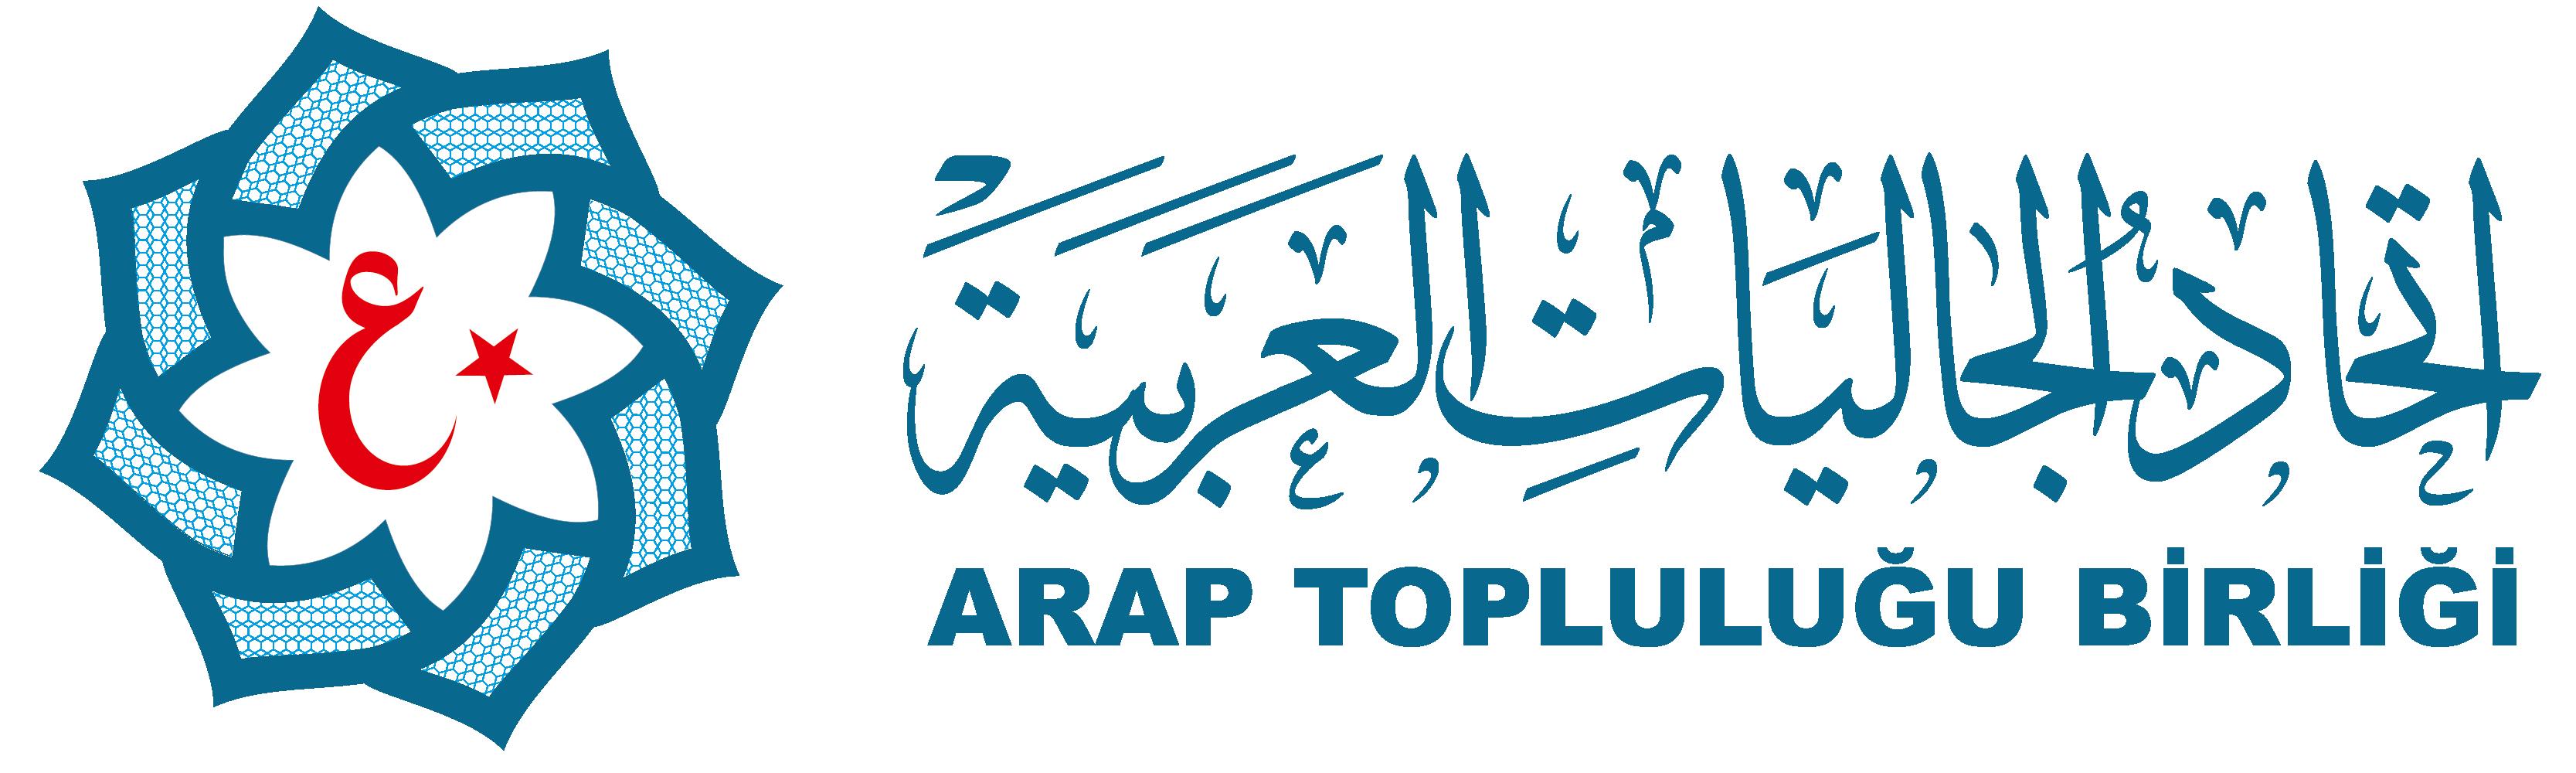 Arap Topluluğu